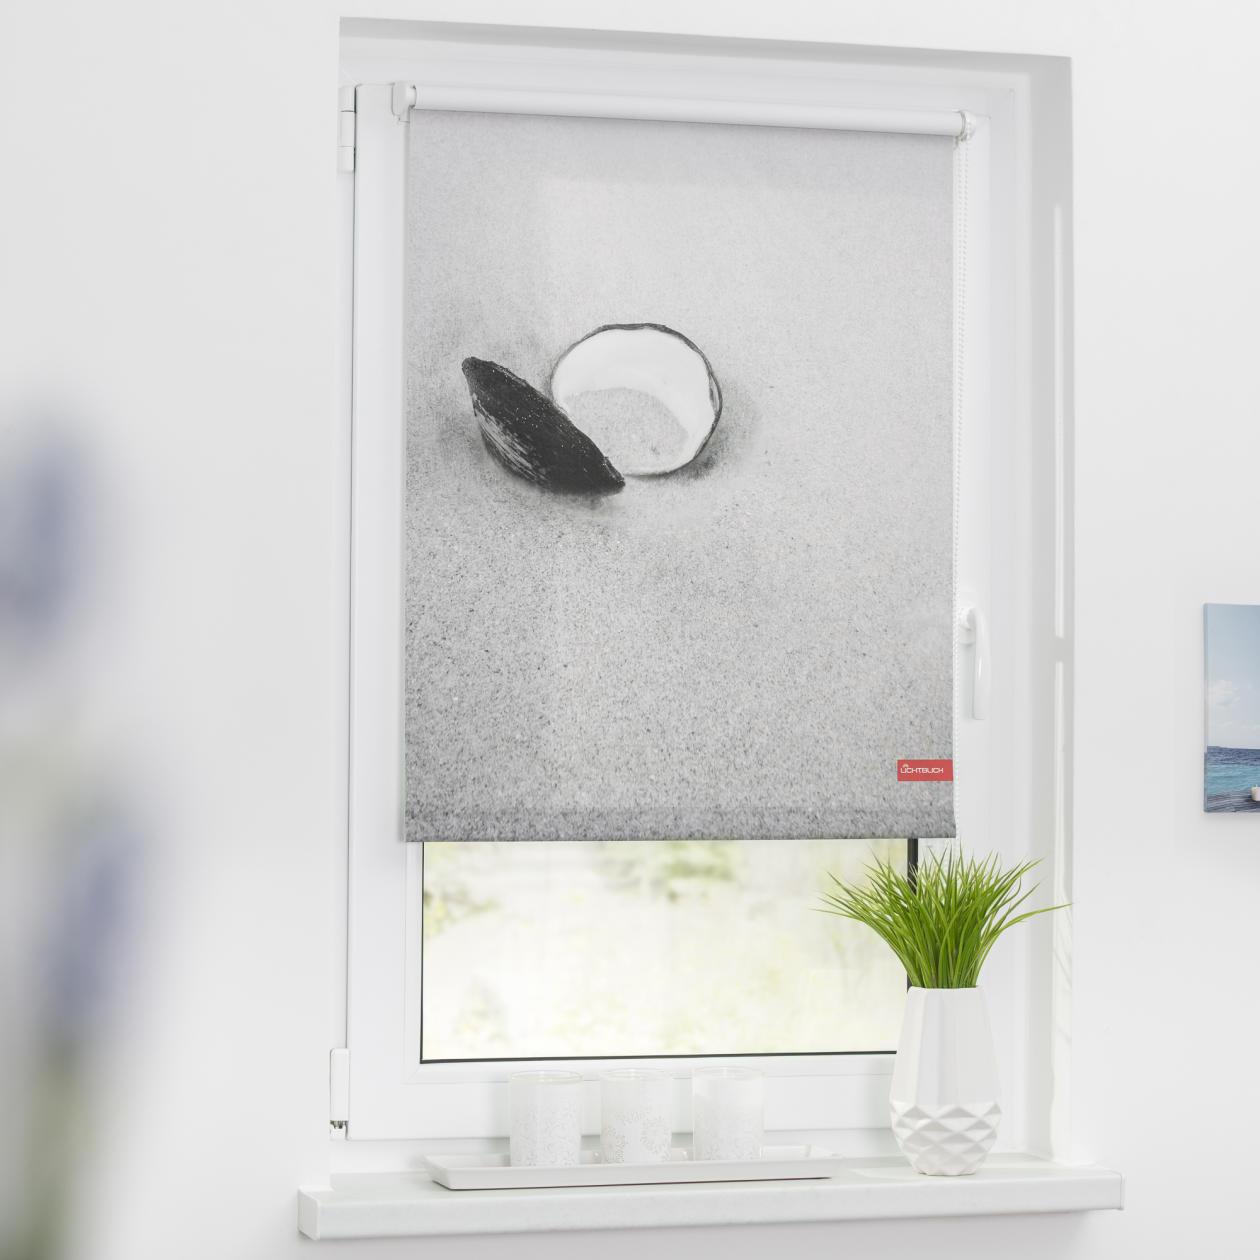 rollo klemmfix ohne bohren blickdicht muschel schwarz wei lichblick shop. Black Bedroom Furniture Sets. Home Design Ideas